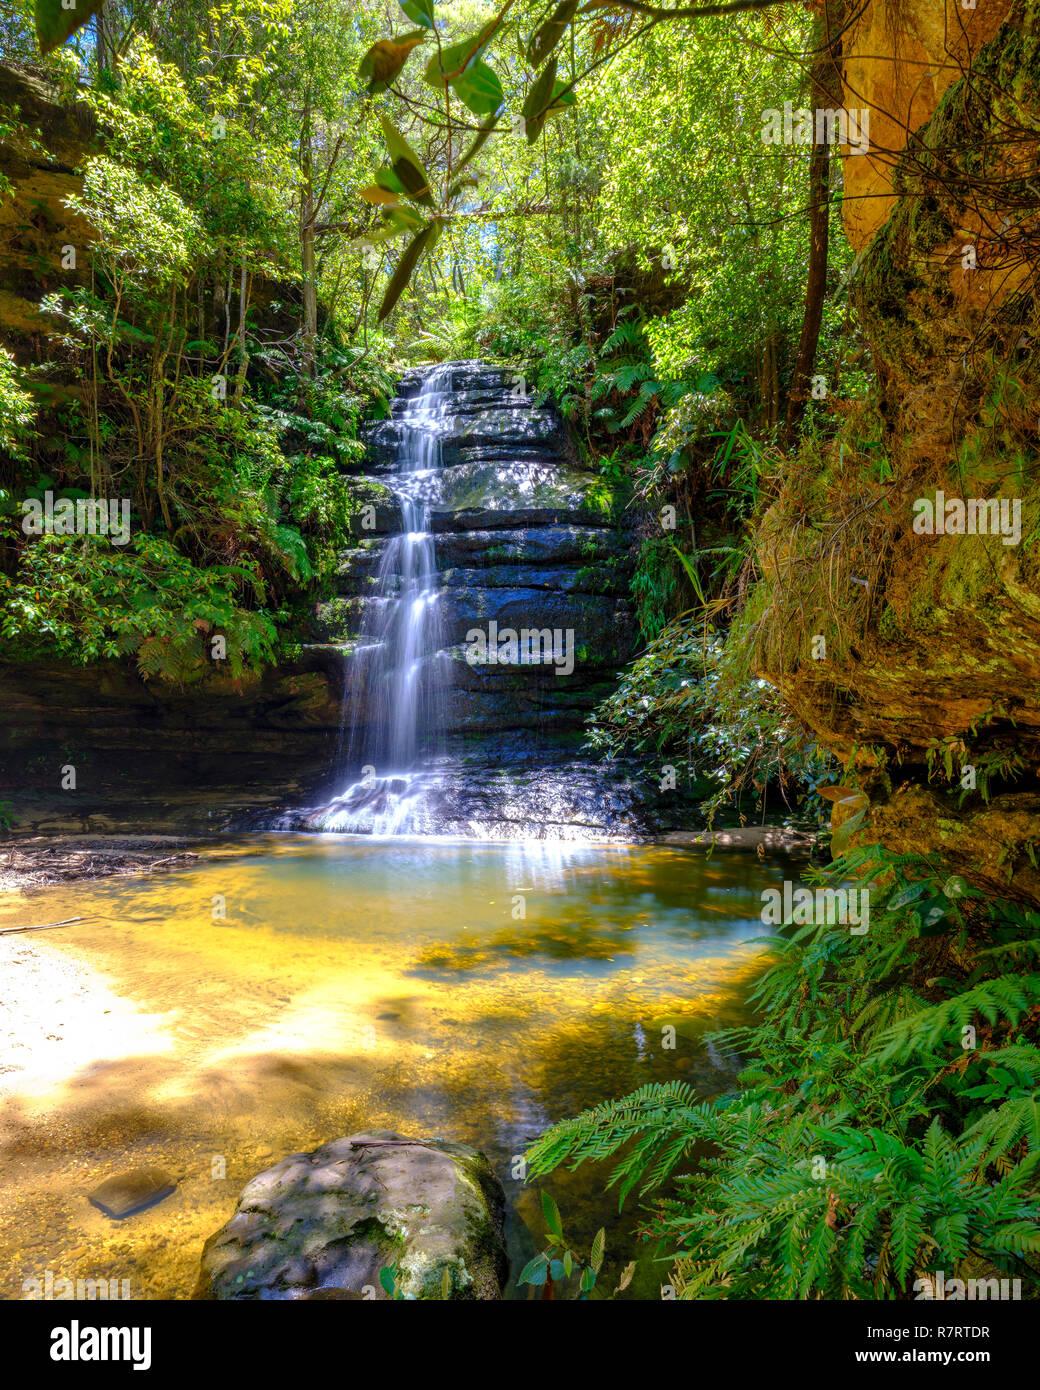 Gordon Falls in Leura, Blue Mountains National Park, NSW, Australia Stock Photo